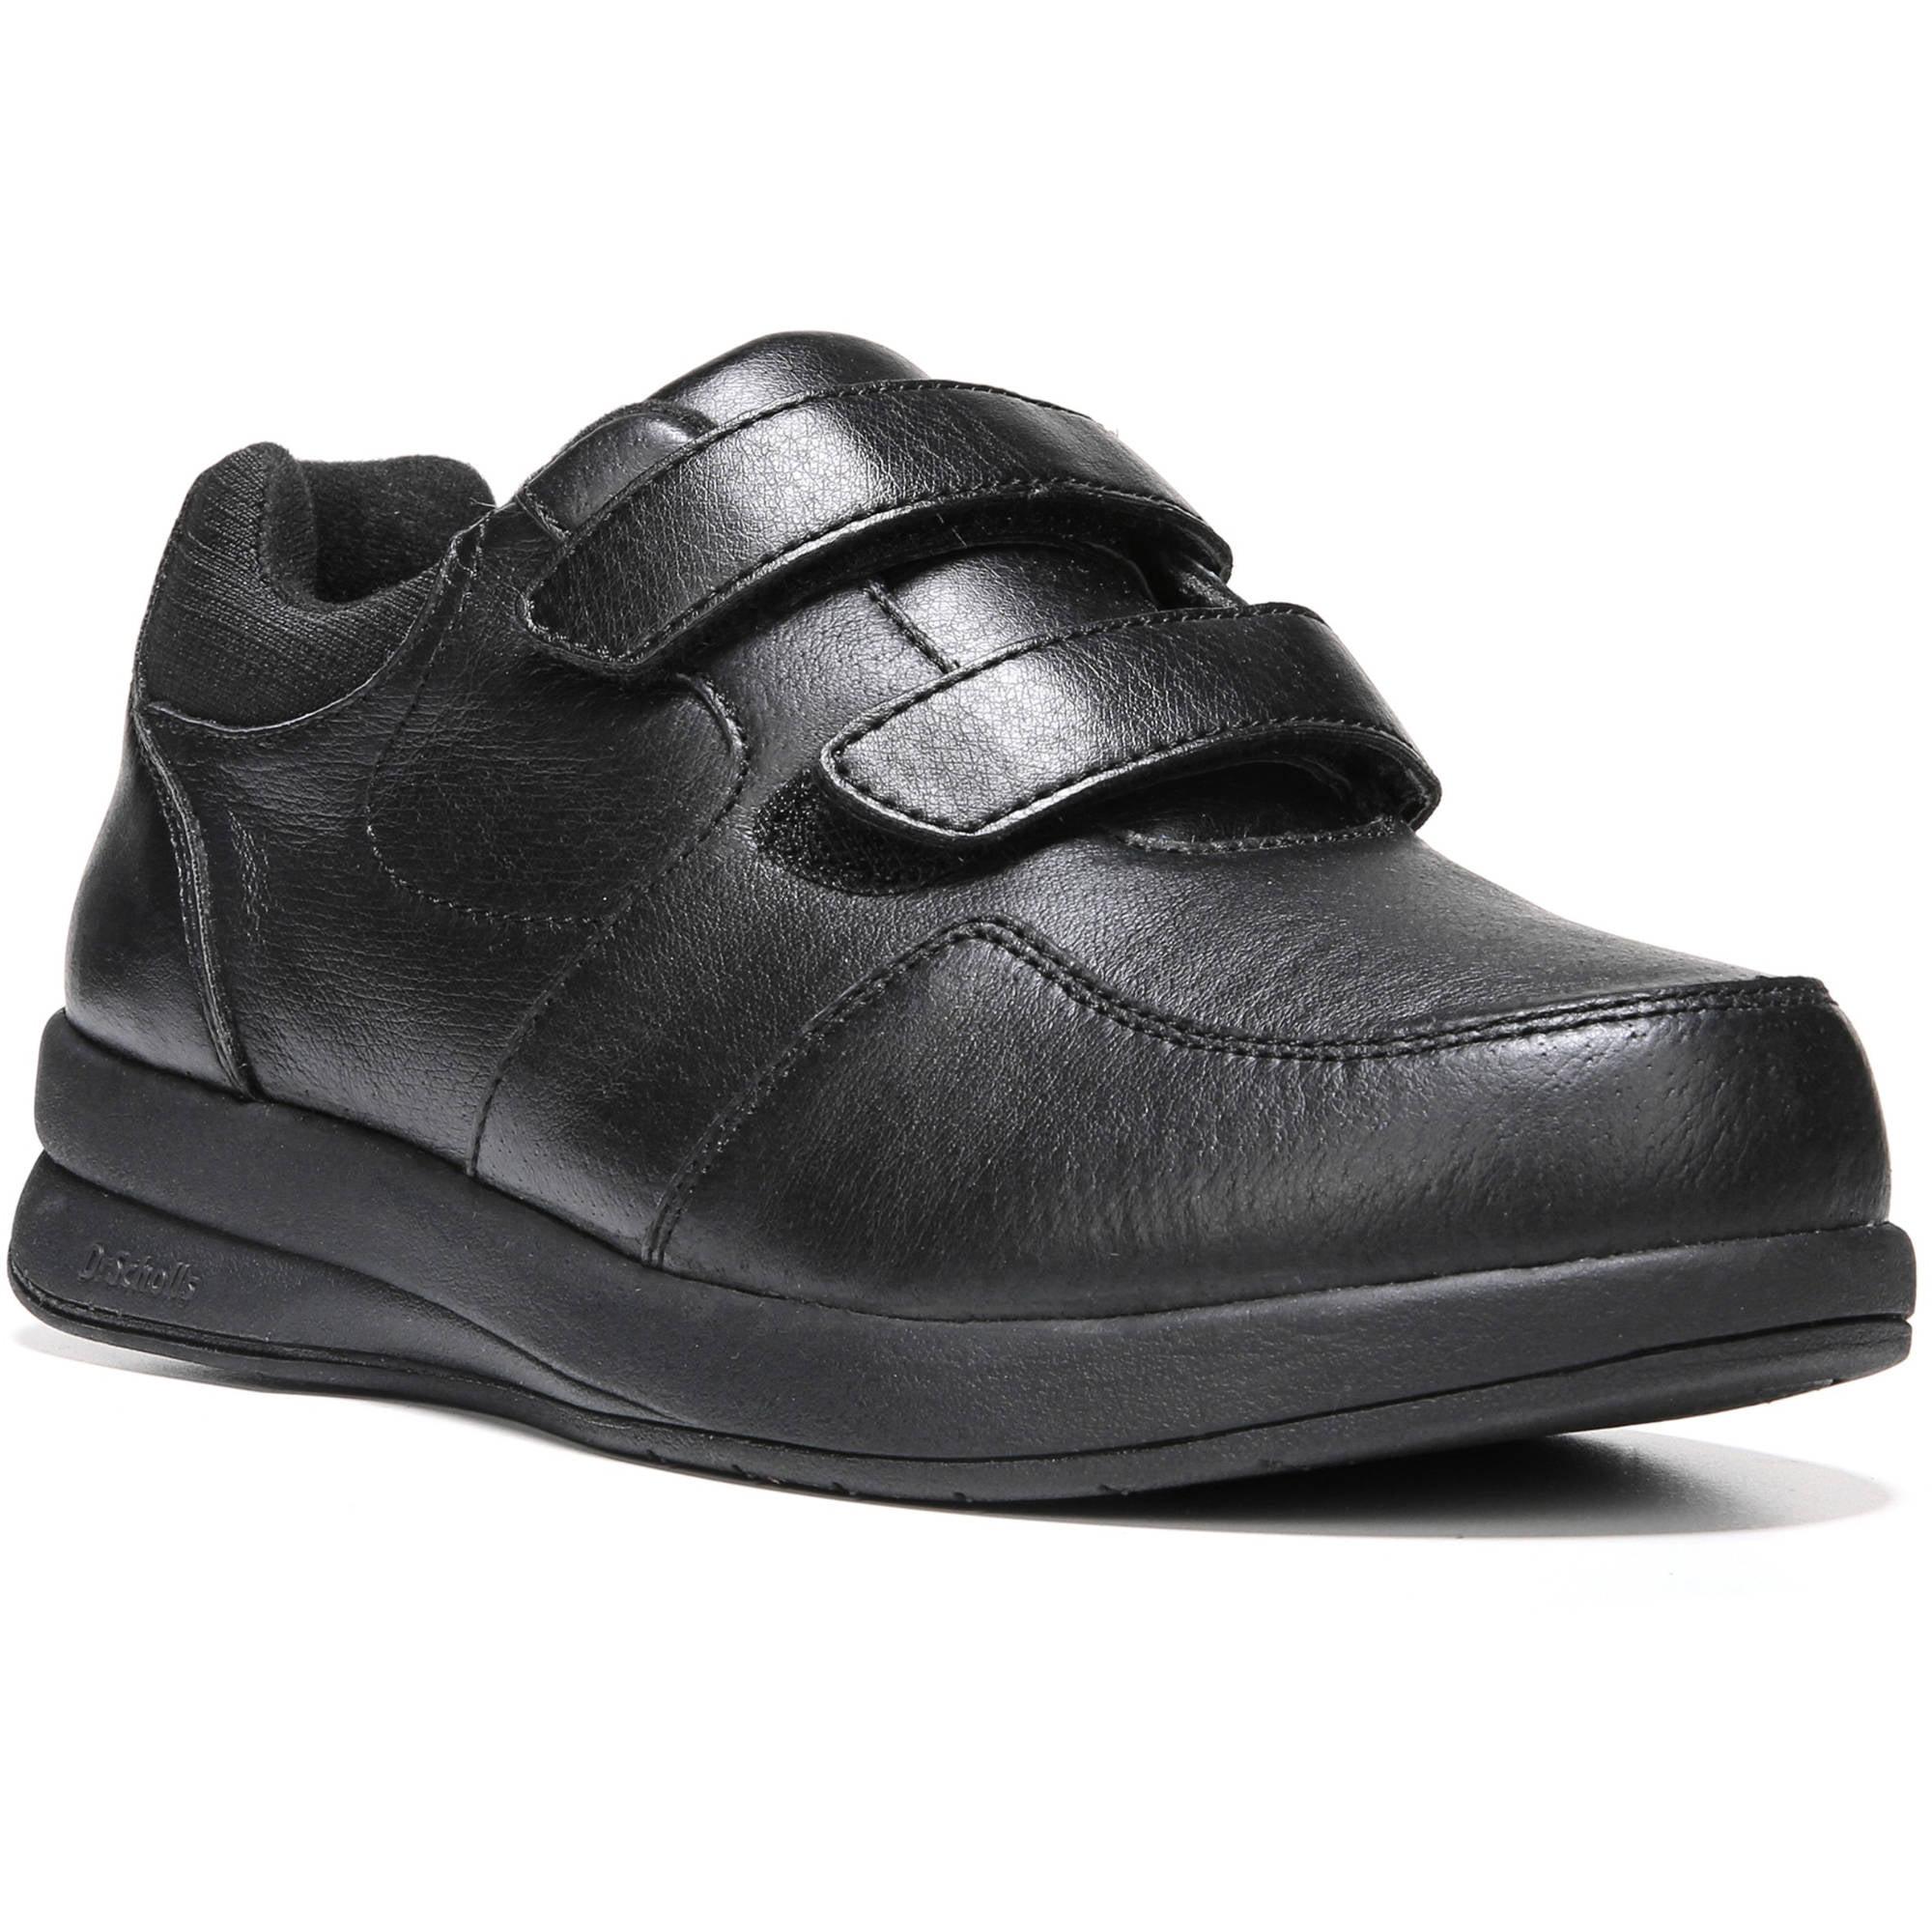 Dr. Scholl's Shoes - Dr. Scholls Women